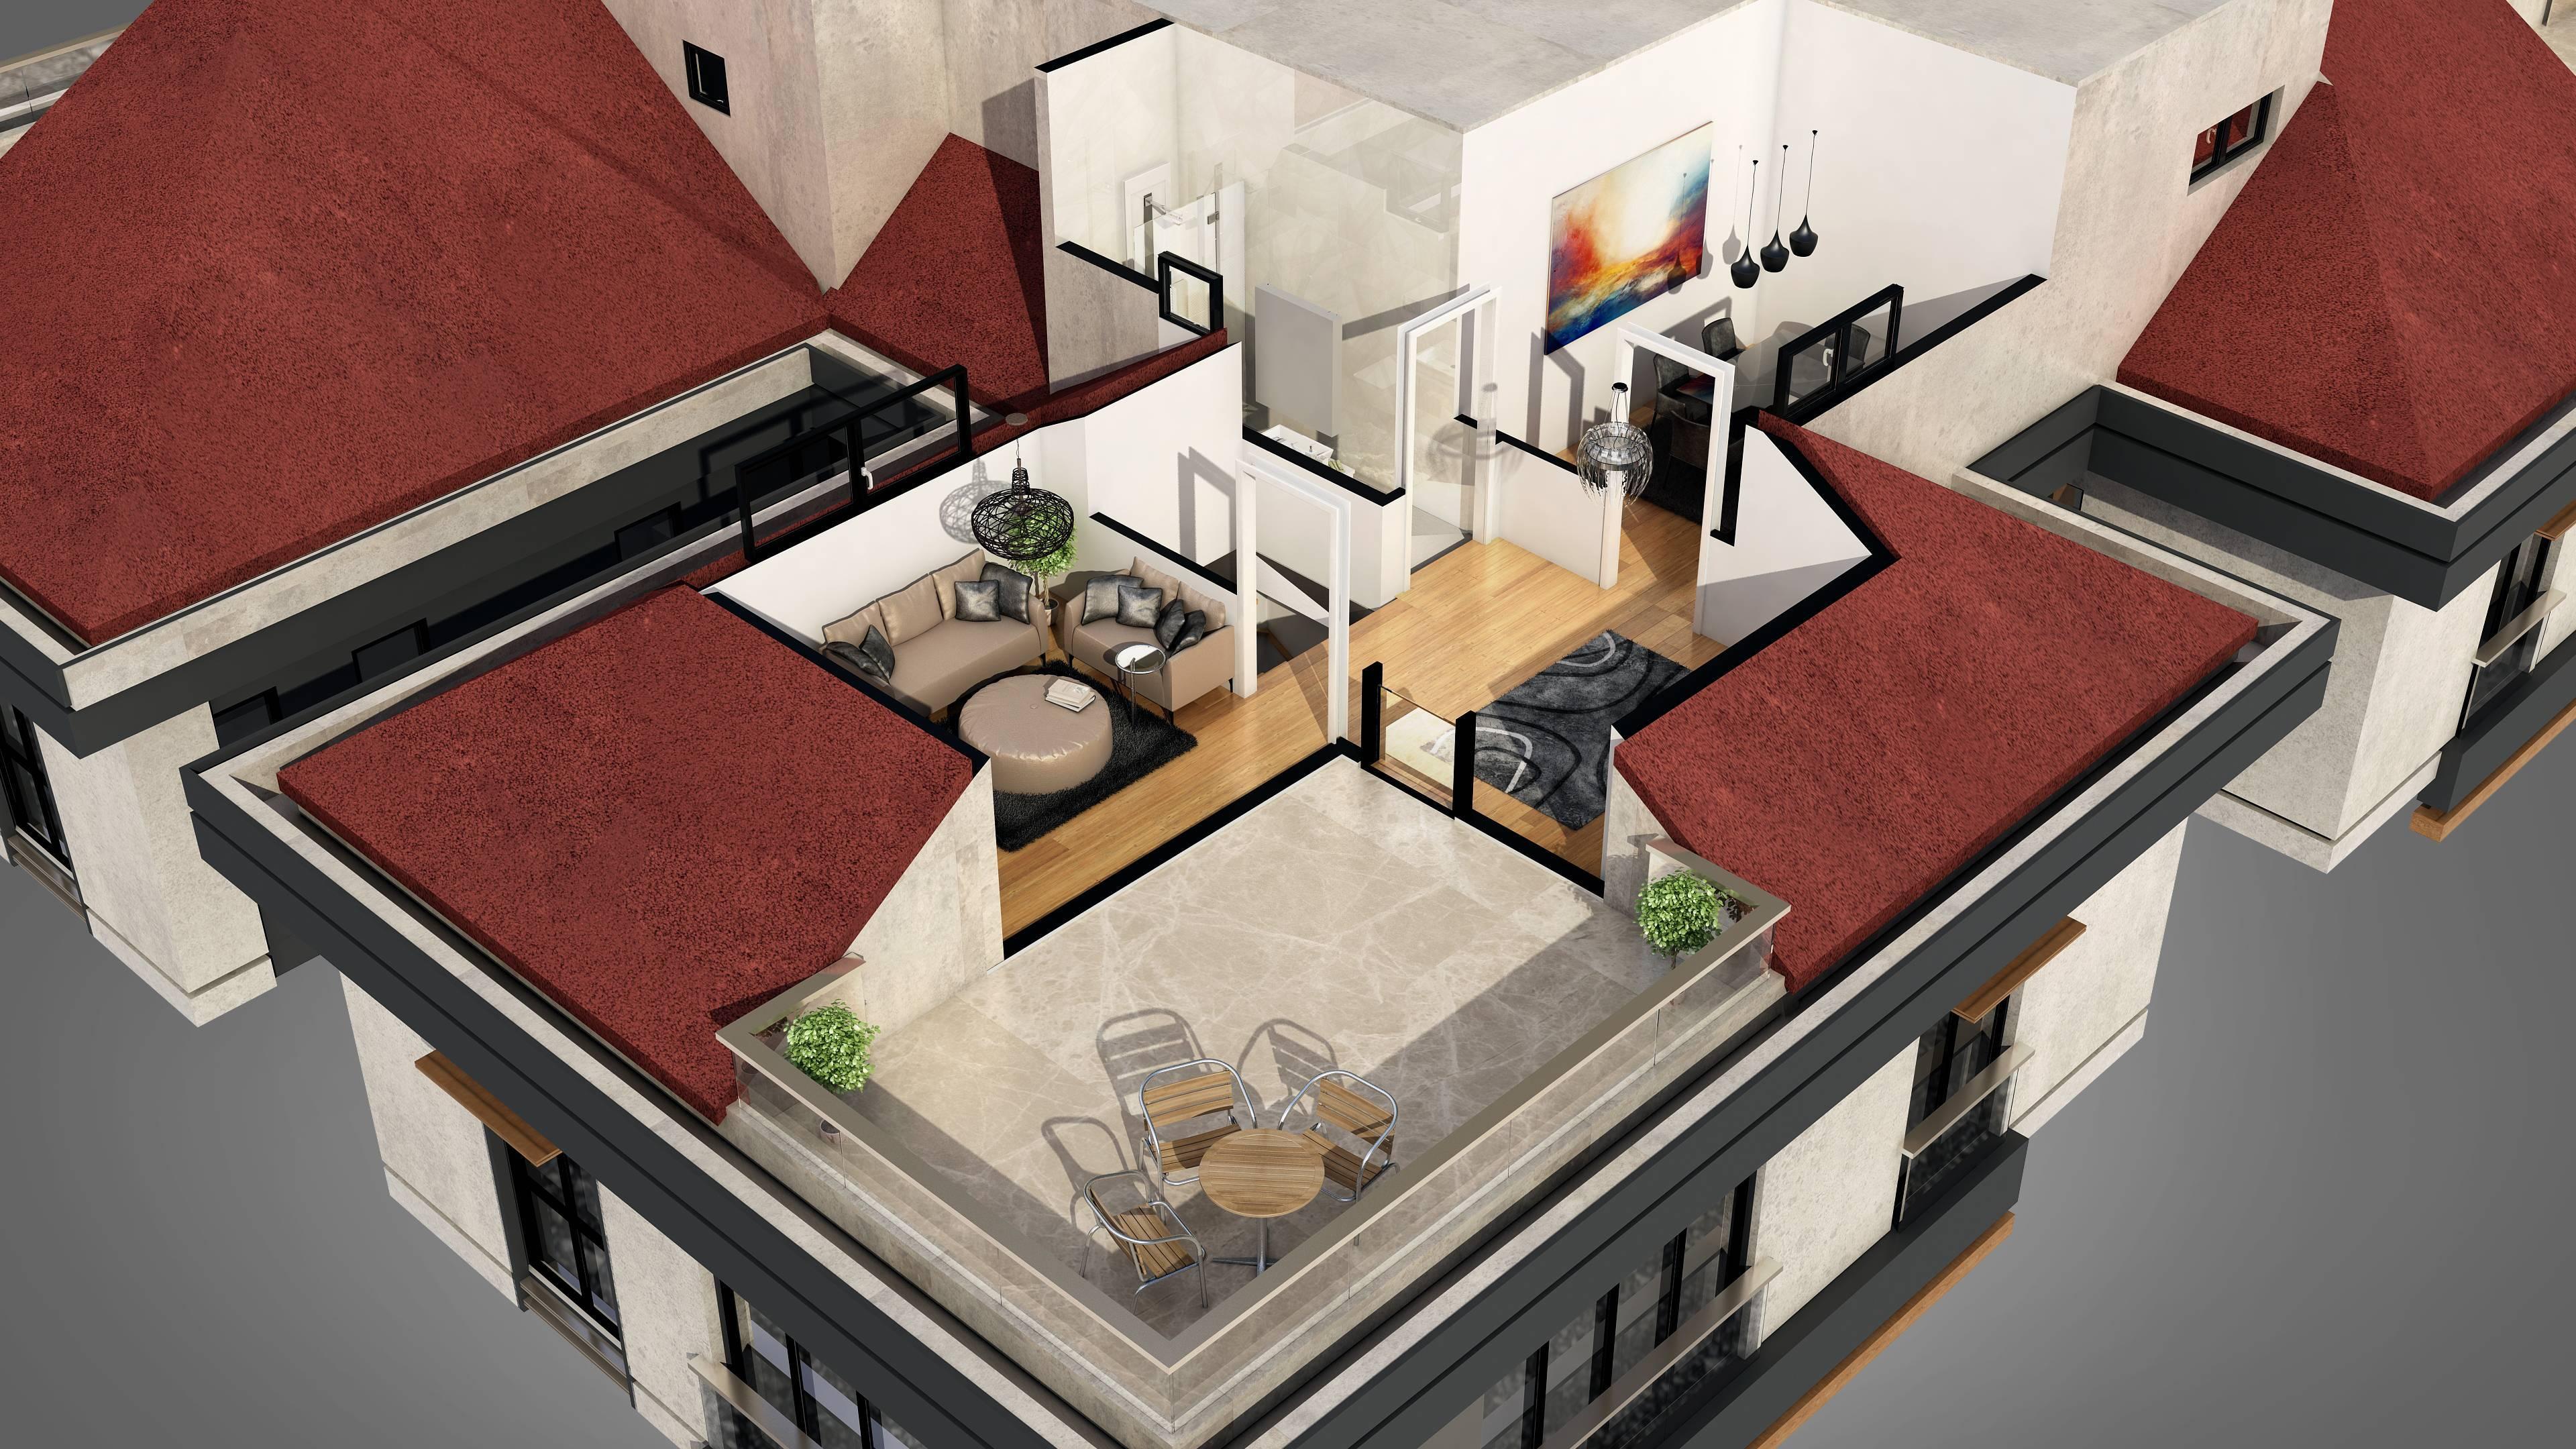 conception virtuelle maison